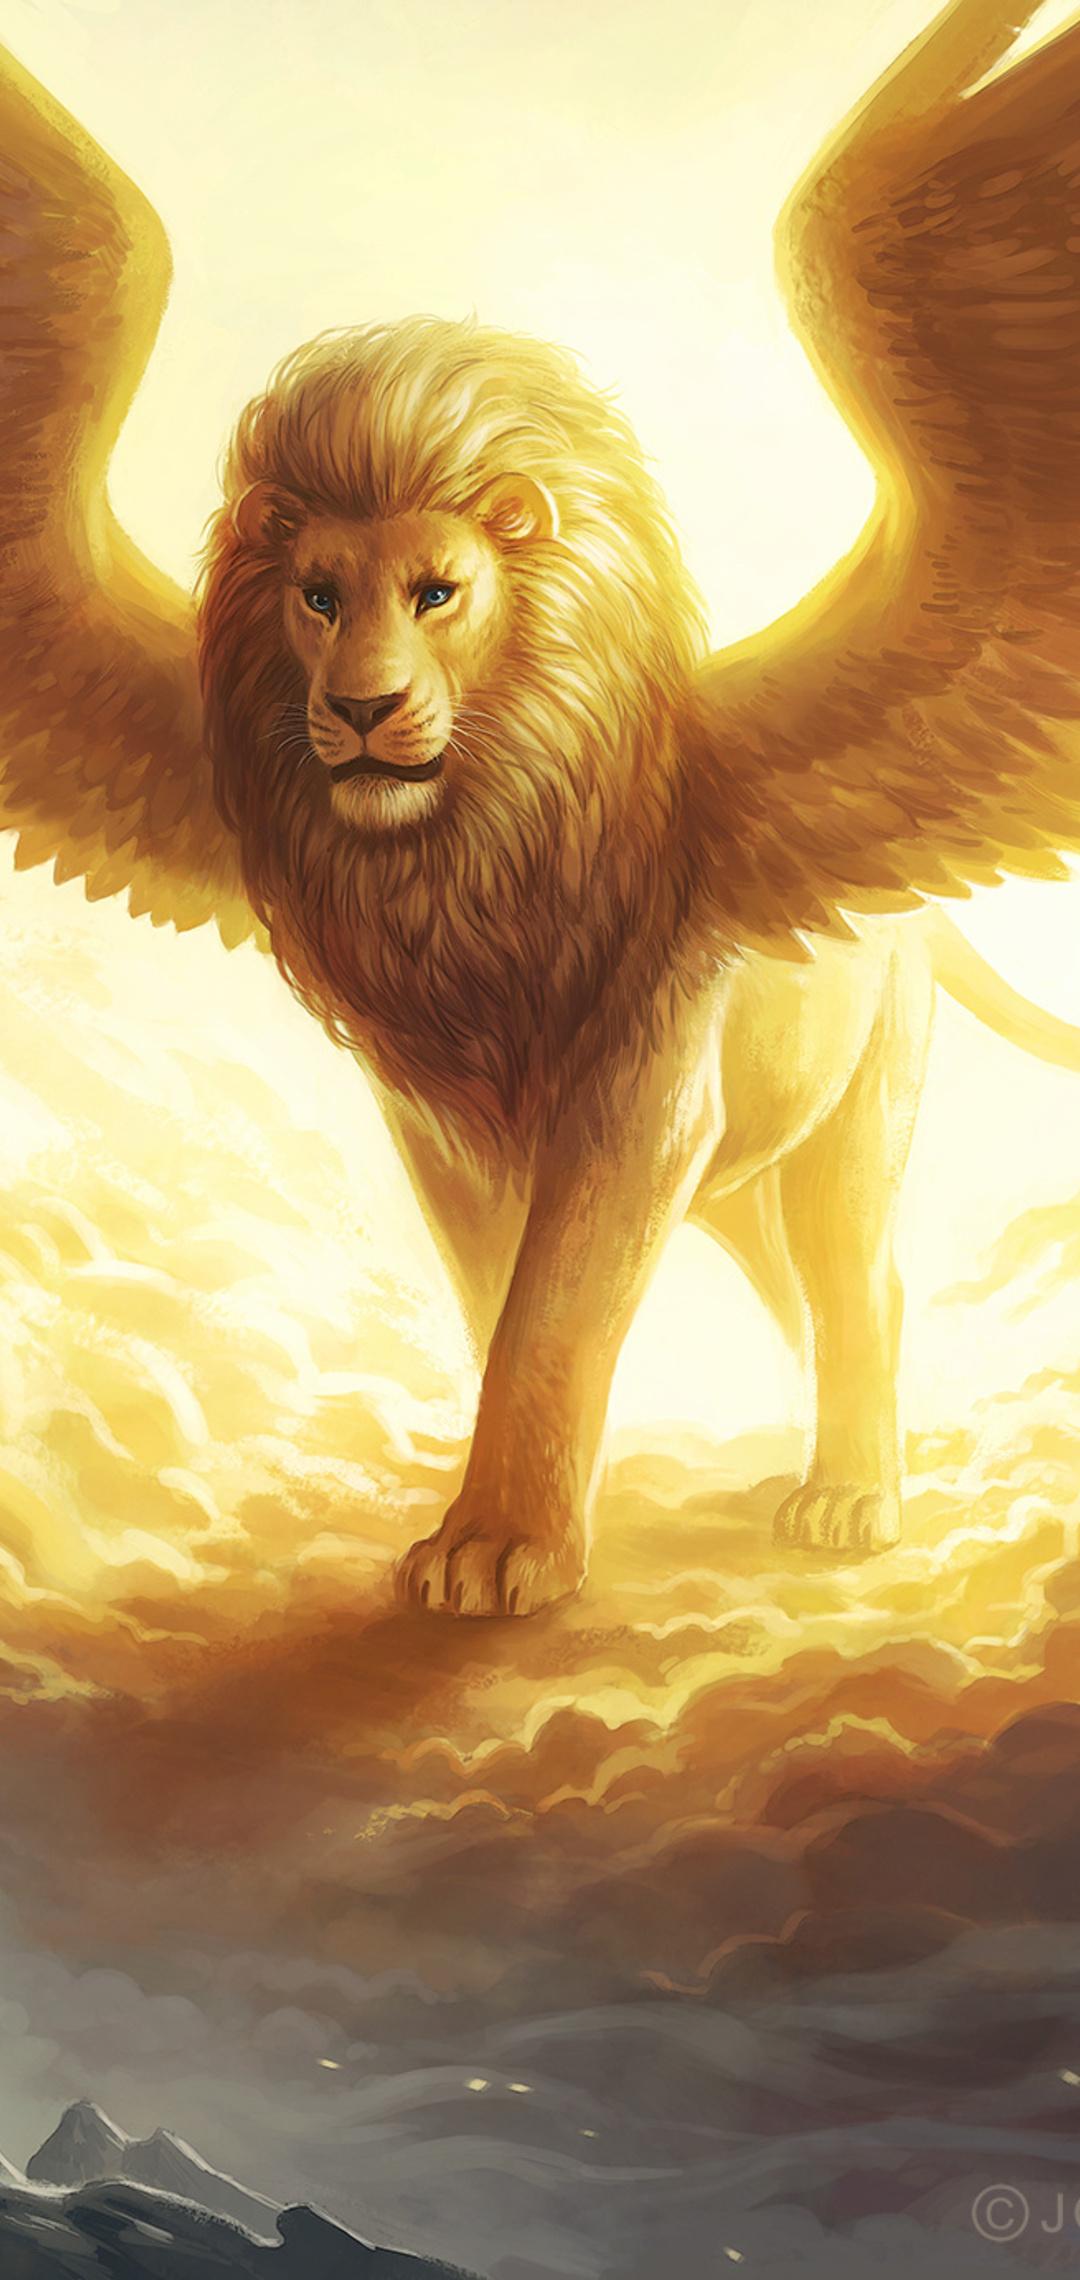 lion-king-spiritual-dark-fantasy-1n.jpg